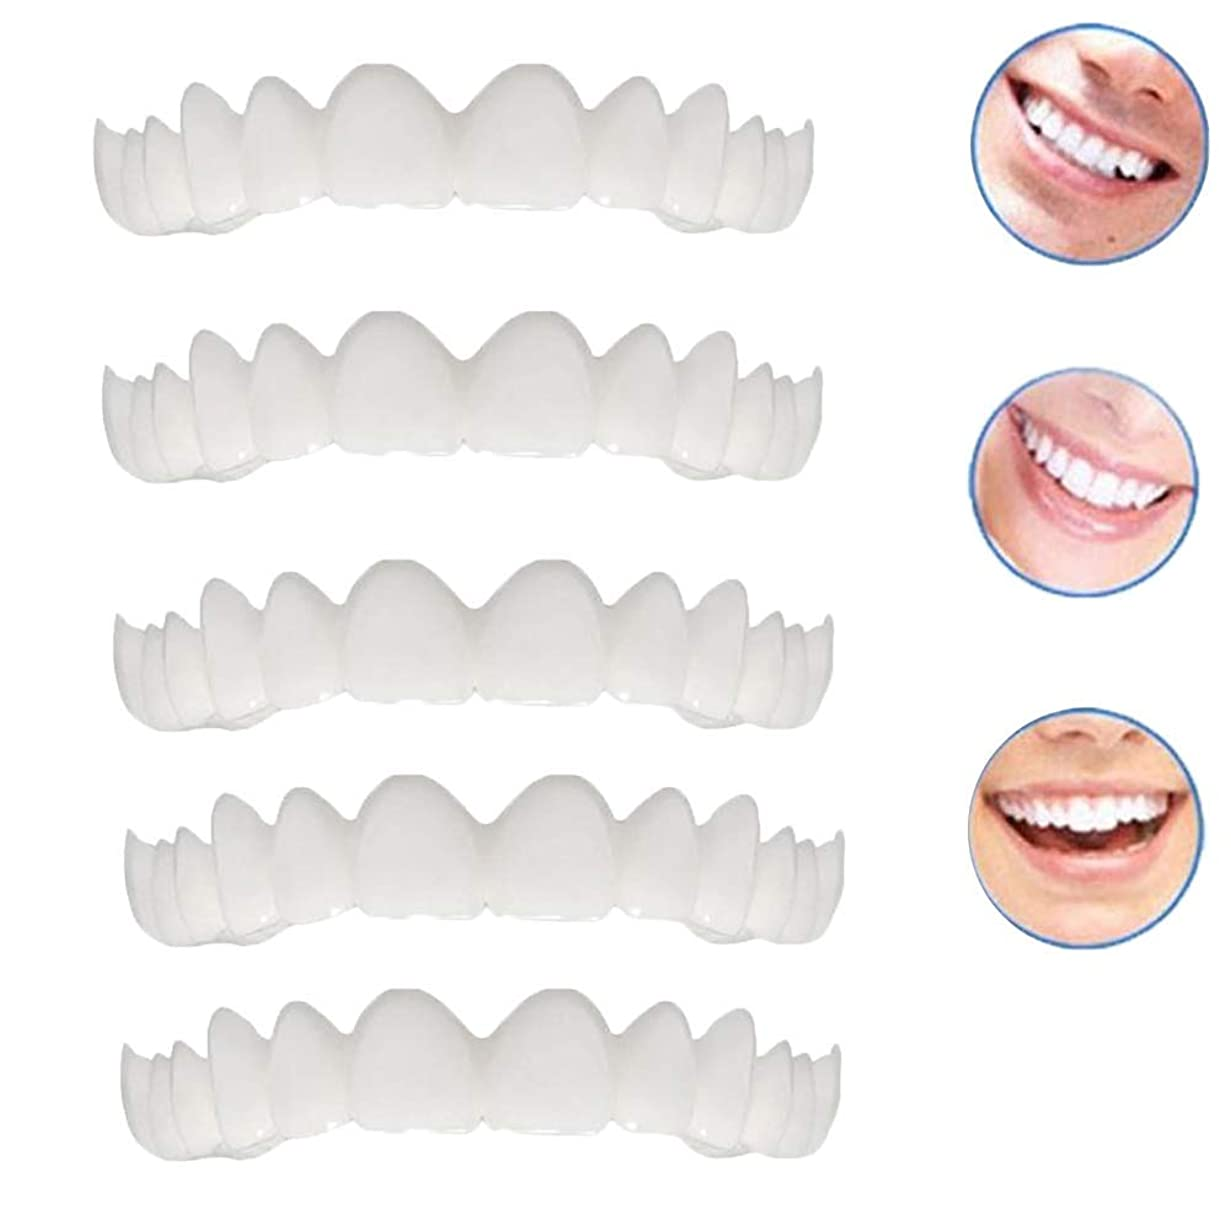 難しい誘導アミューズ2本の偽のベニヤ修正歯のトップホワイトニング化粧品義歯修正のための悪い歯のための新しいプロの笑顔のベニヤ